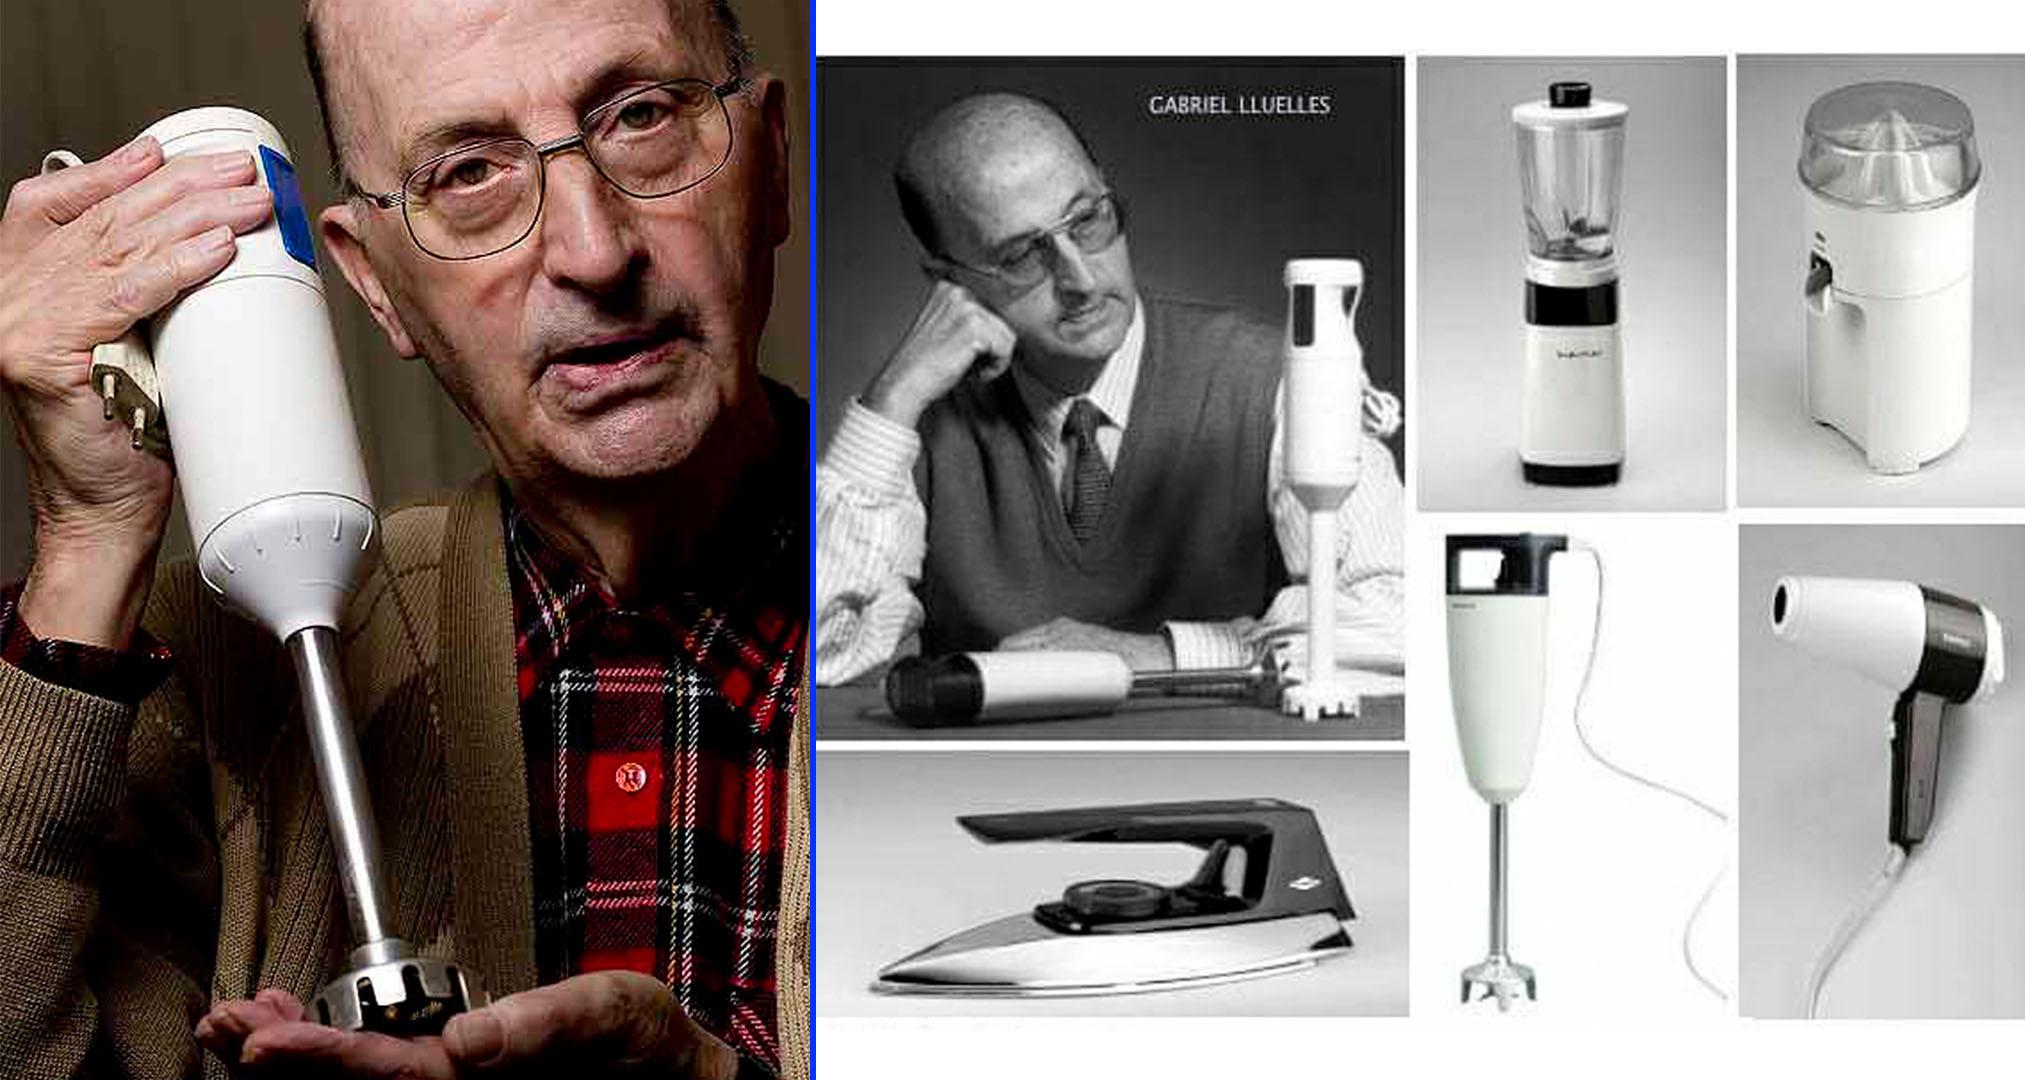 Gabriel Lluelles junto a su invento, la Minipimer y otros productos diseñados por él.